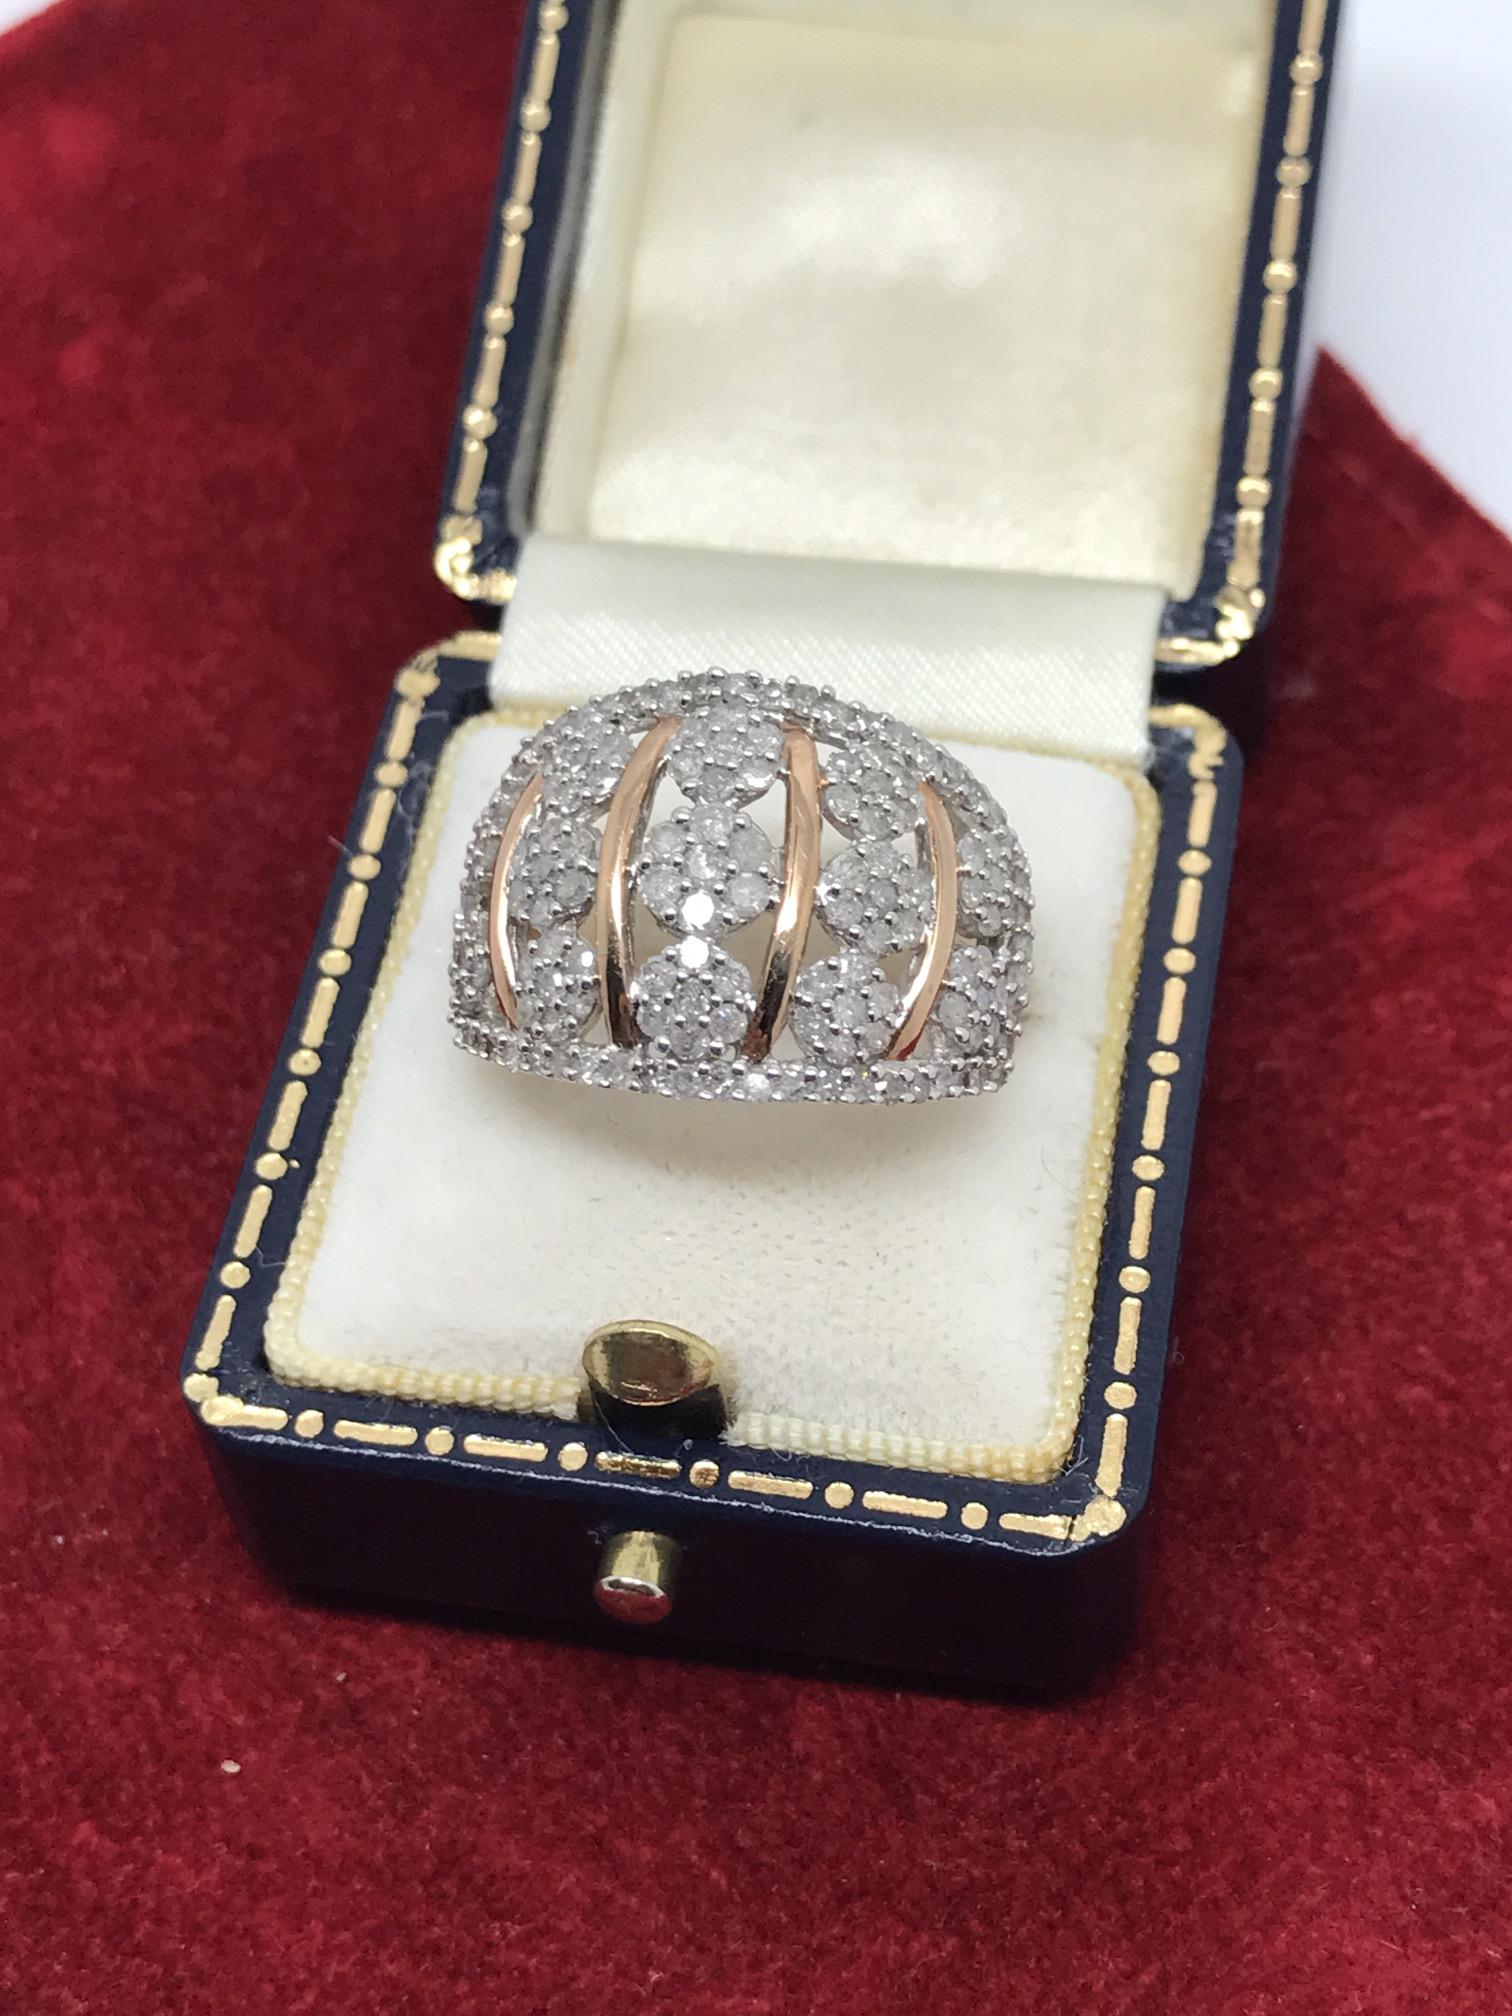 Lot 35 - 1.52CT DIAMOND RING SET IN 9CT ROSE GOLD